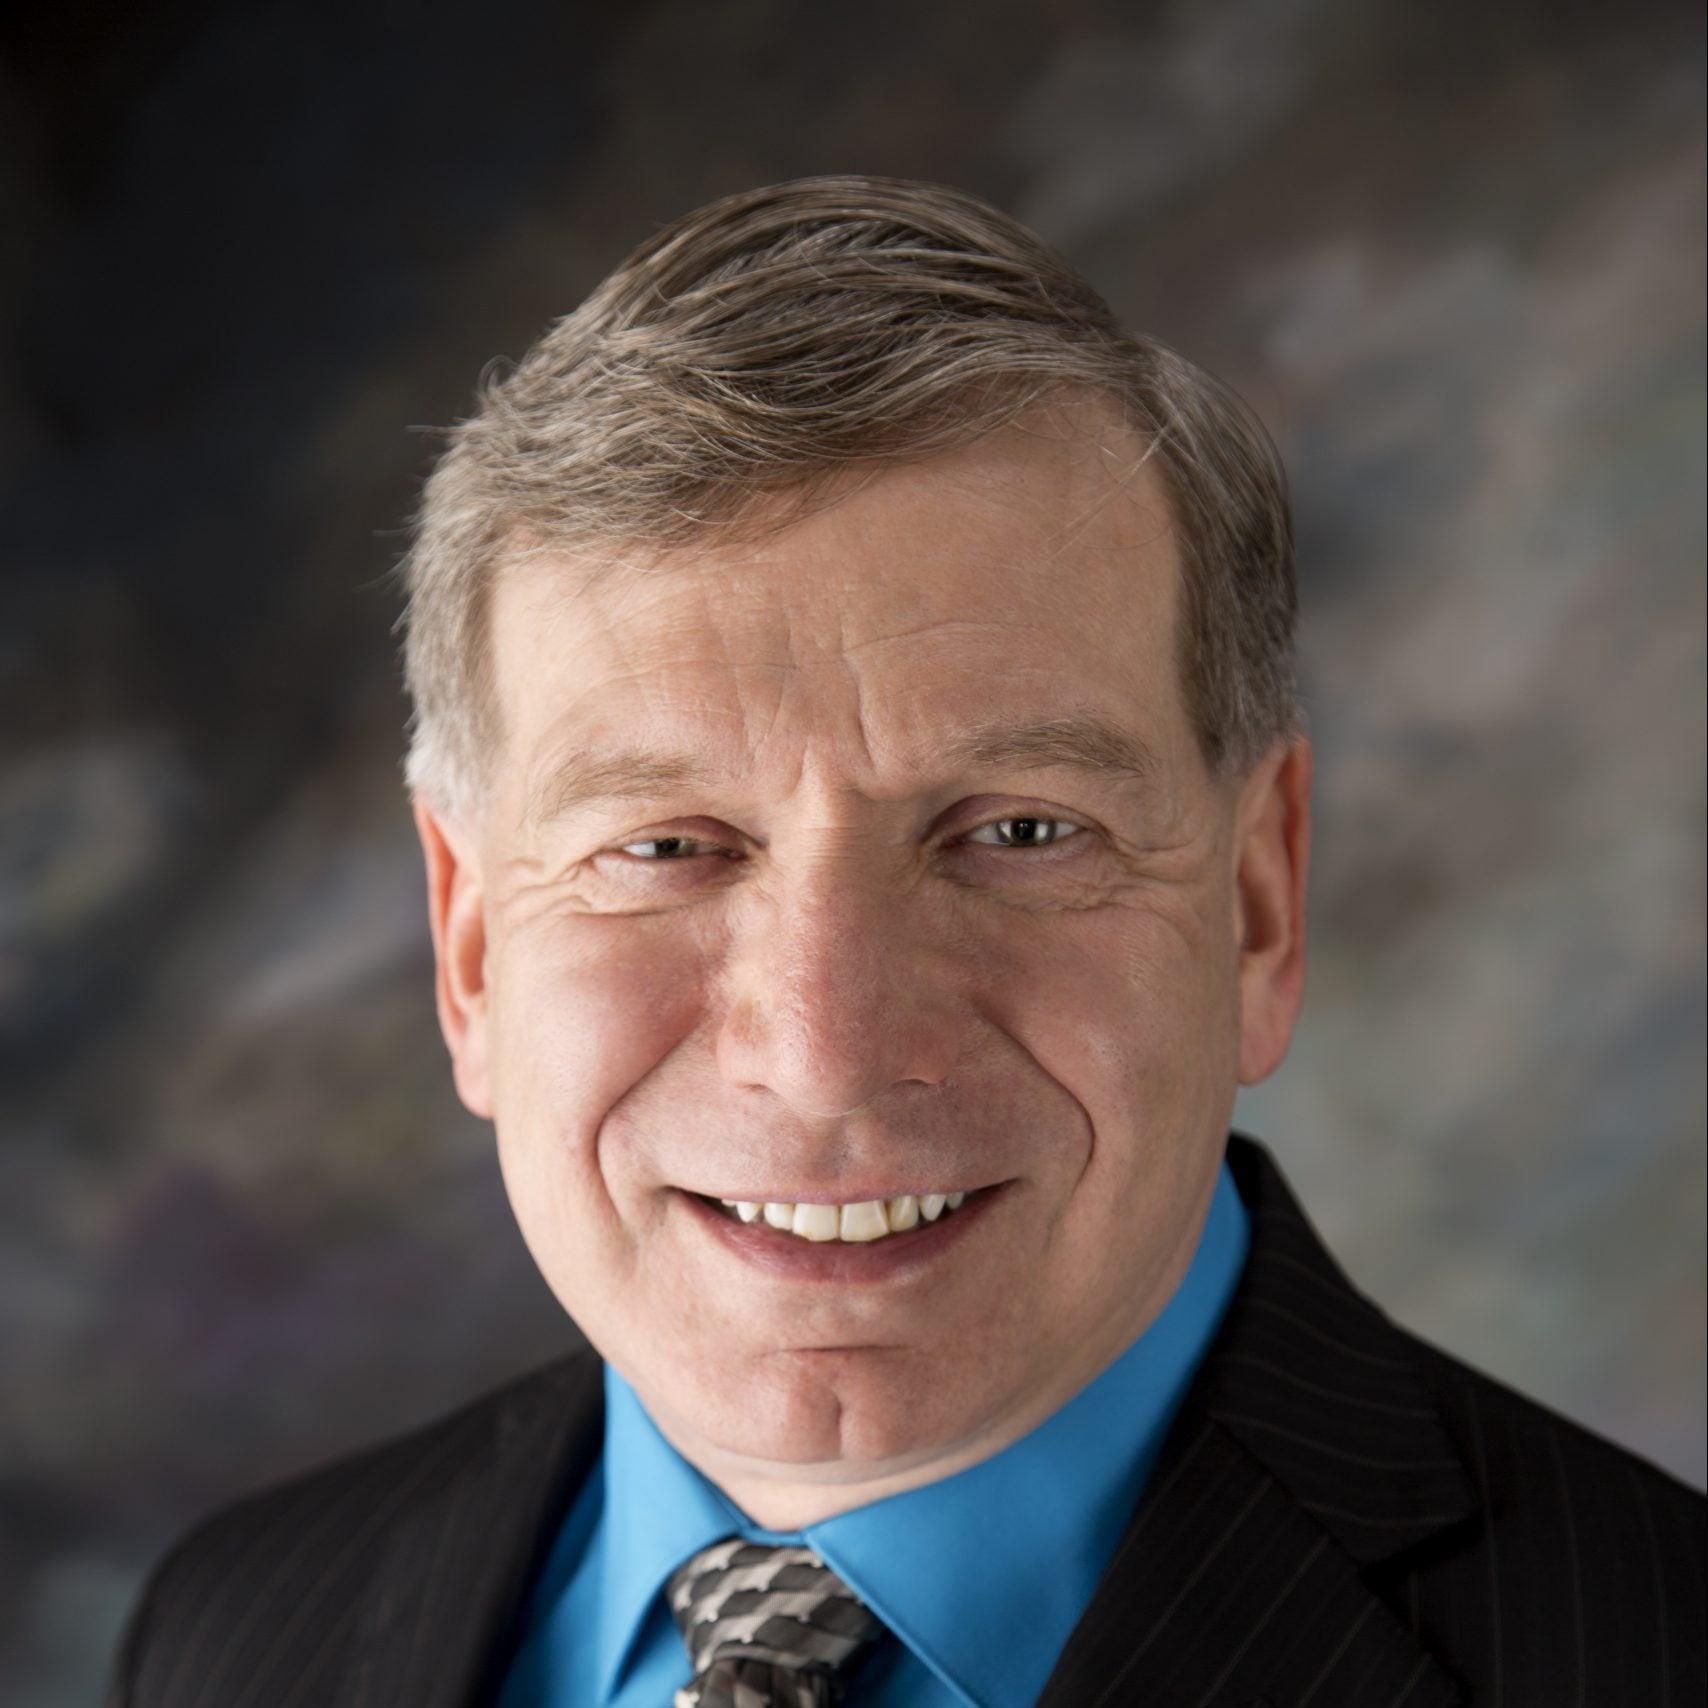 Rich Benkowski